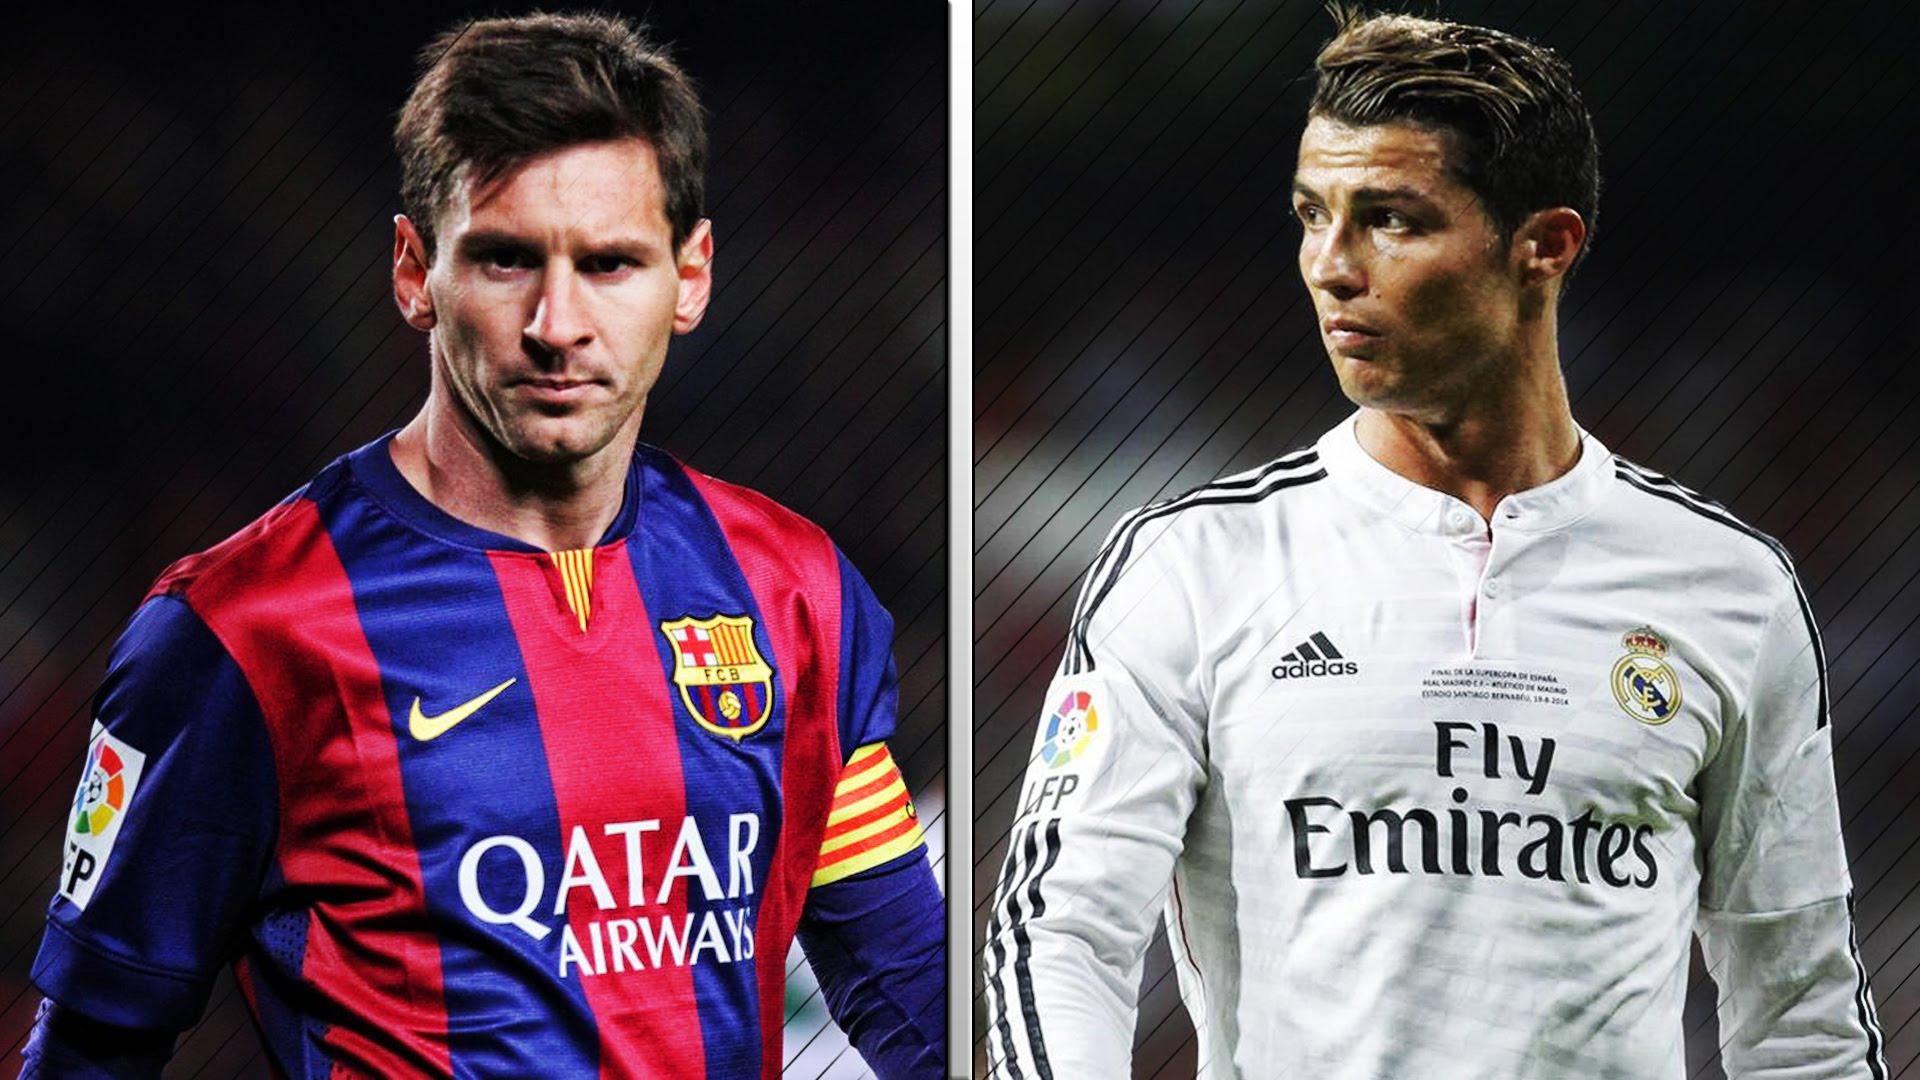 TOP 10 cầu thủ chạy nhanh nhất thế giới năm 2017: Messi, Ronaldo tụt dốc thảm hại